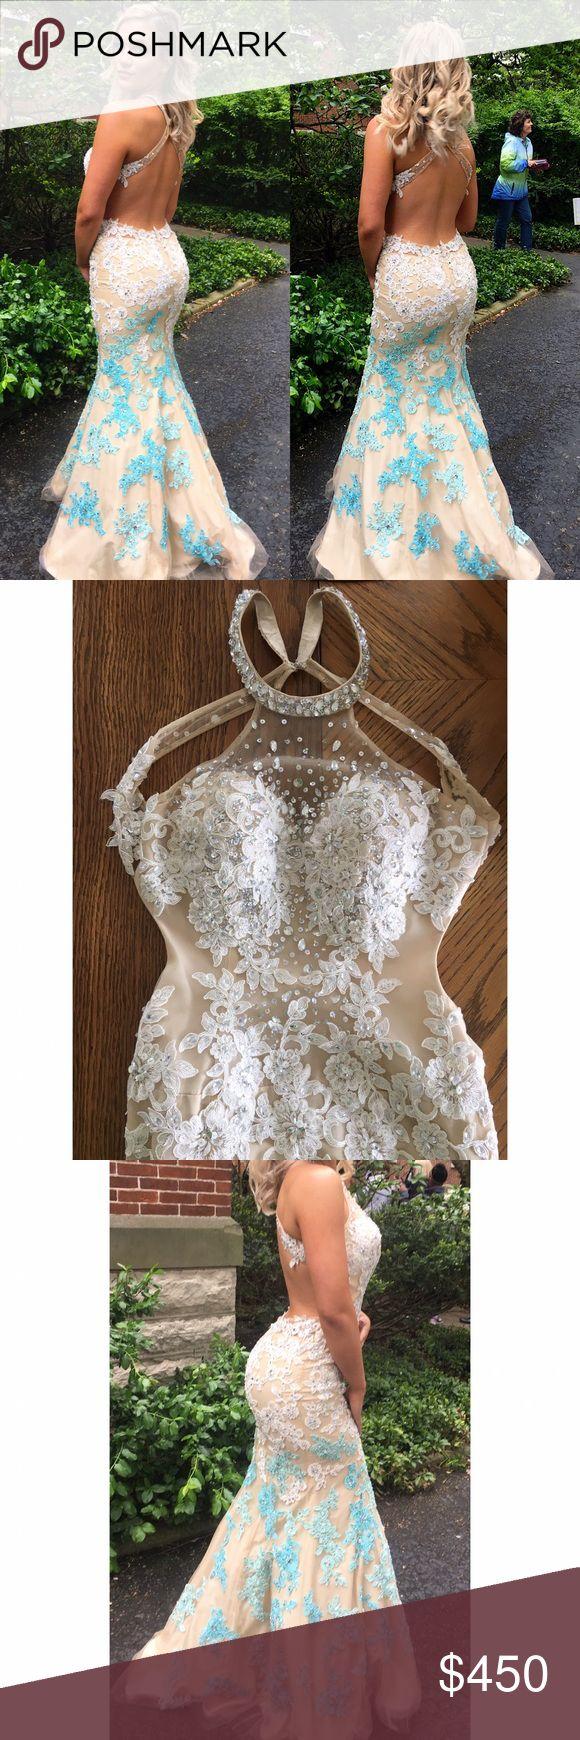 Rachel Allan prom dress Rachel Allan, style number 6824, size 8, only worn once. Rachel Allan Dresses Prom